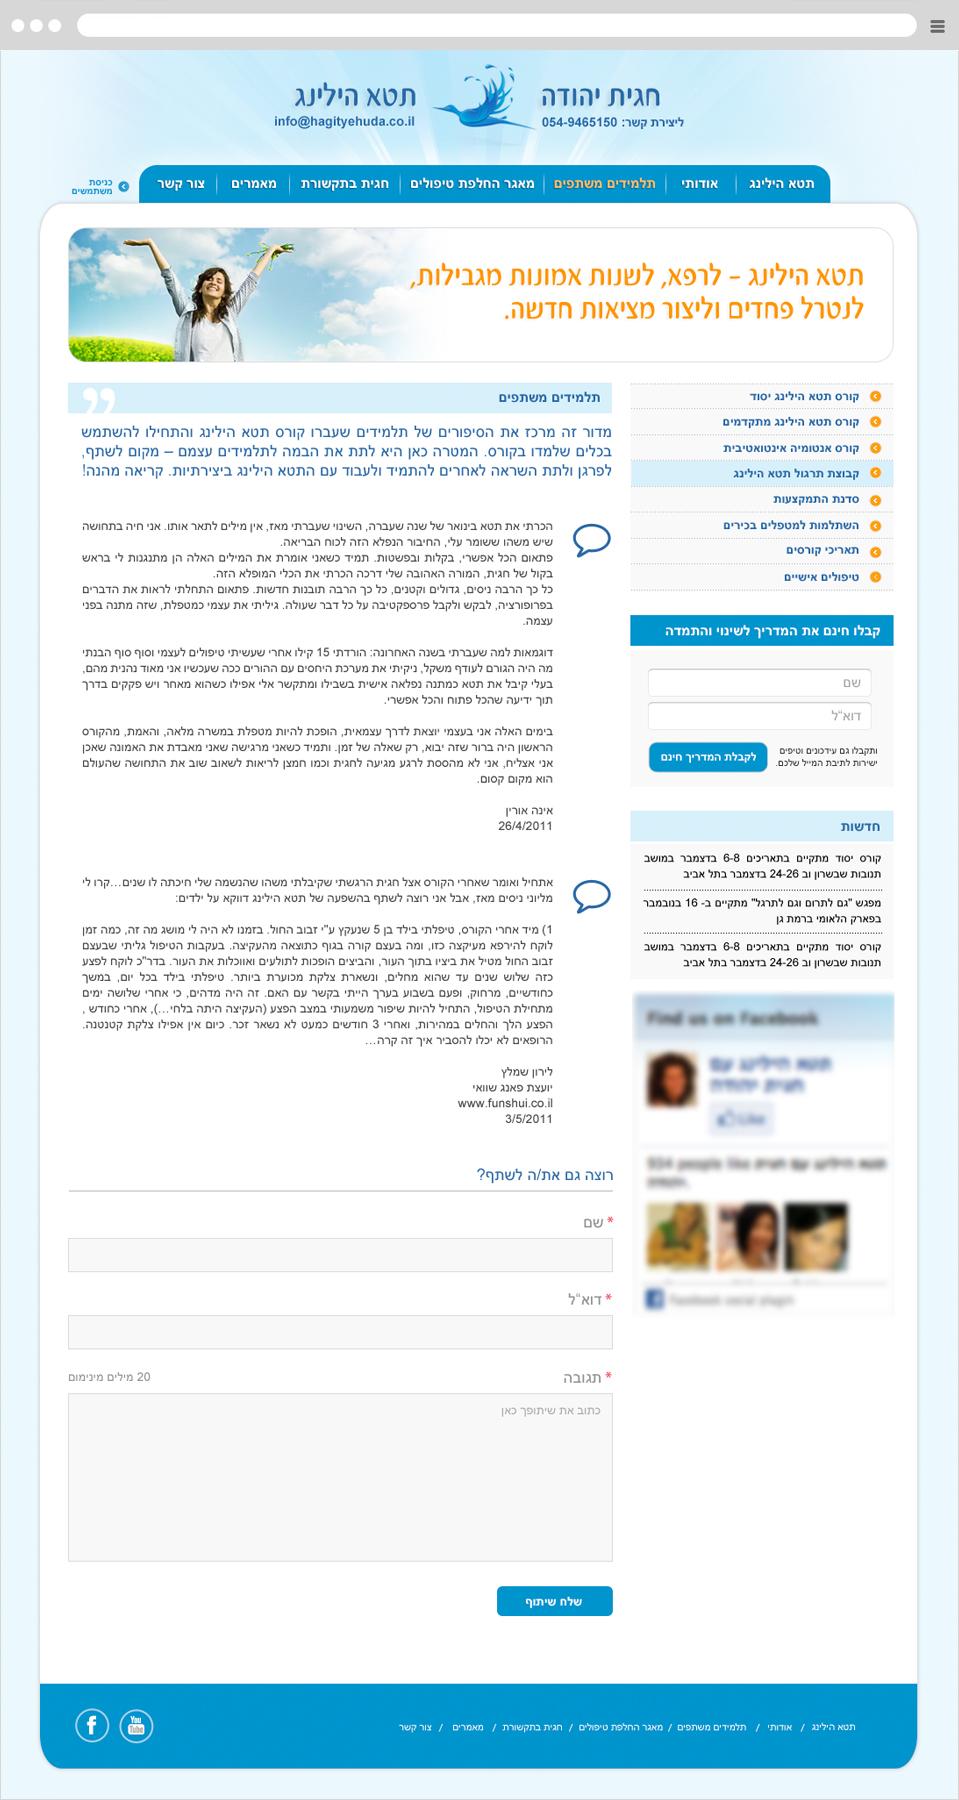 עיצוב אתר תדמיתי לחגית יהודה